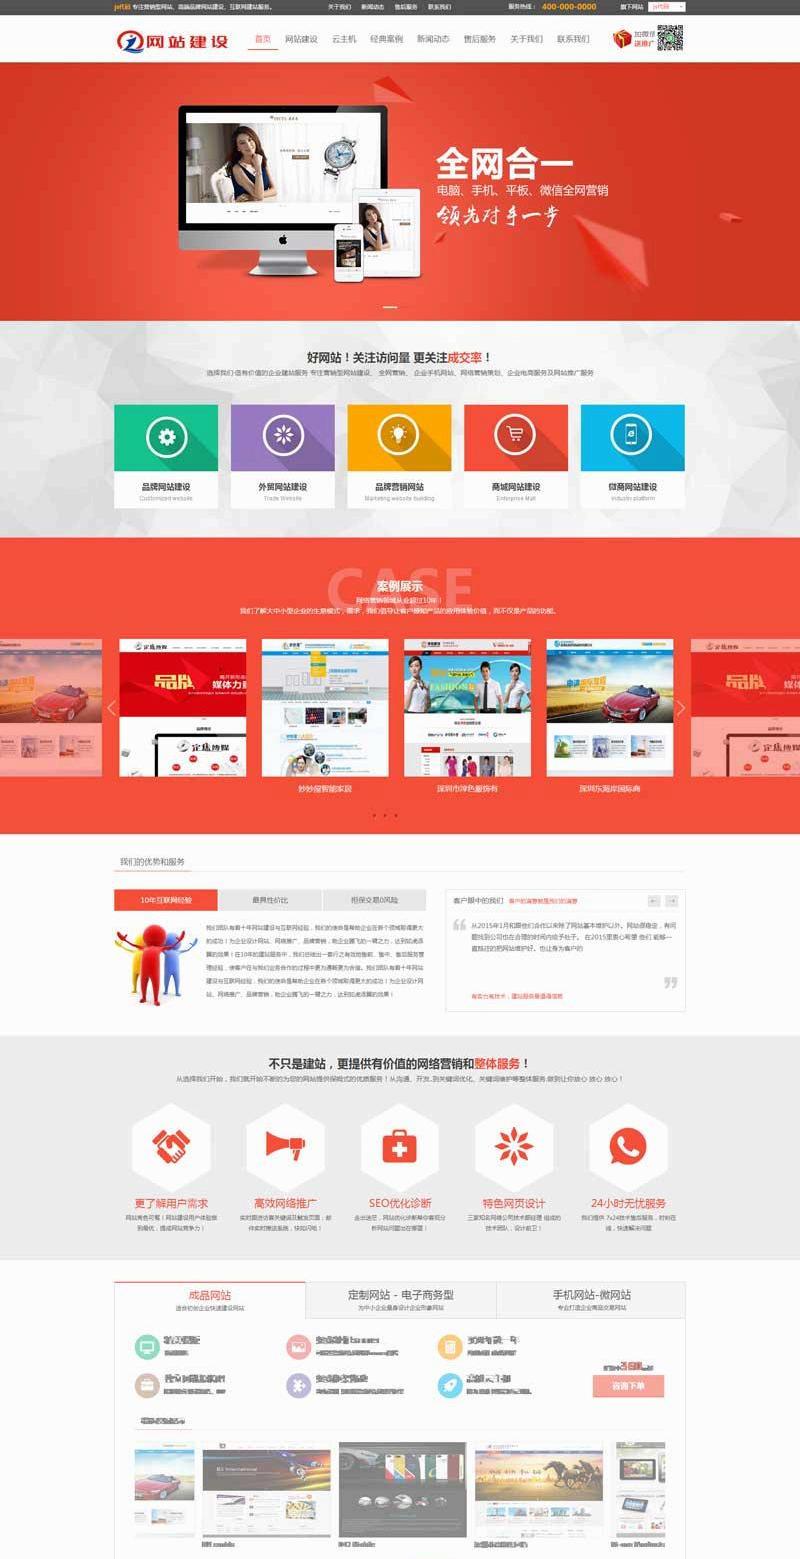 大气的互联网建站服务公司网站模板